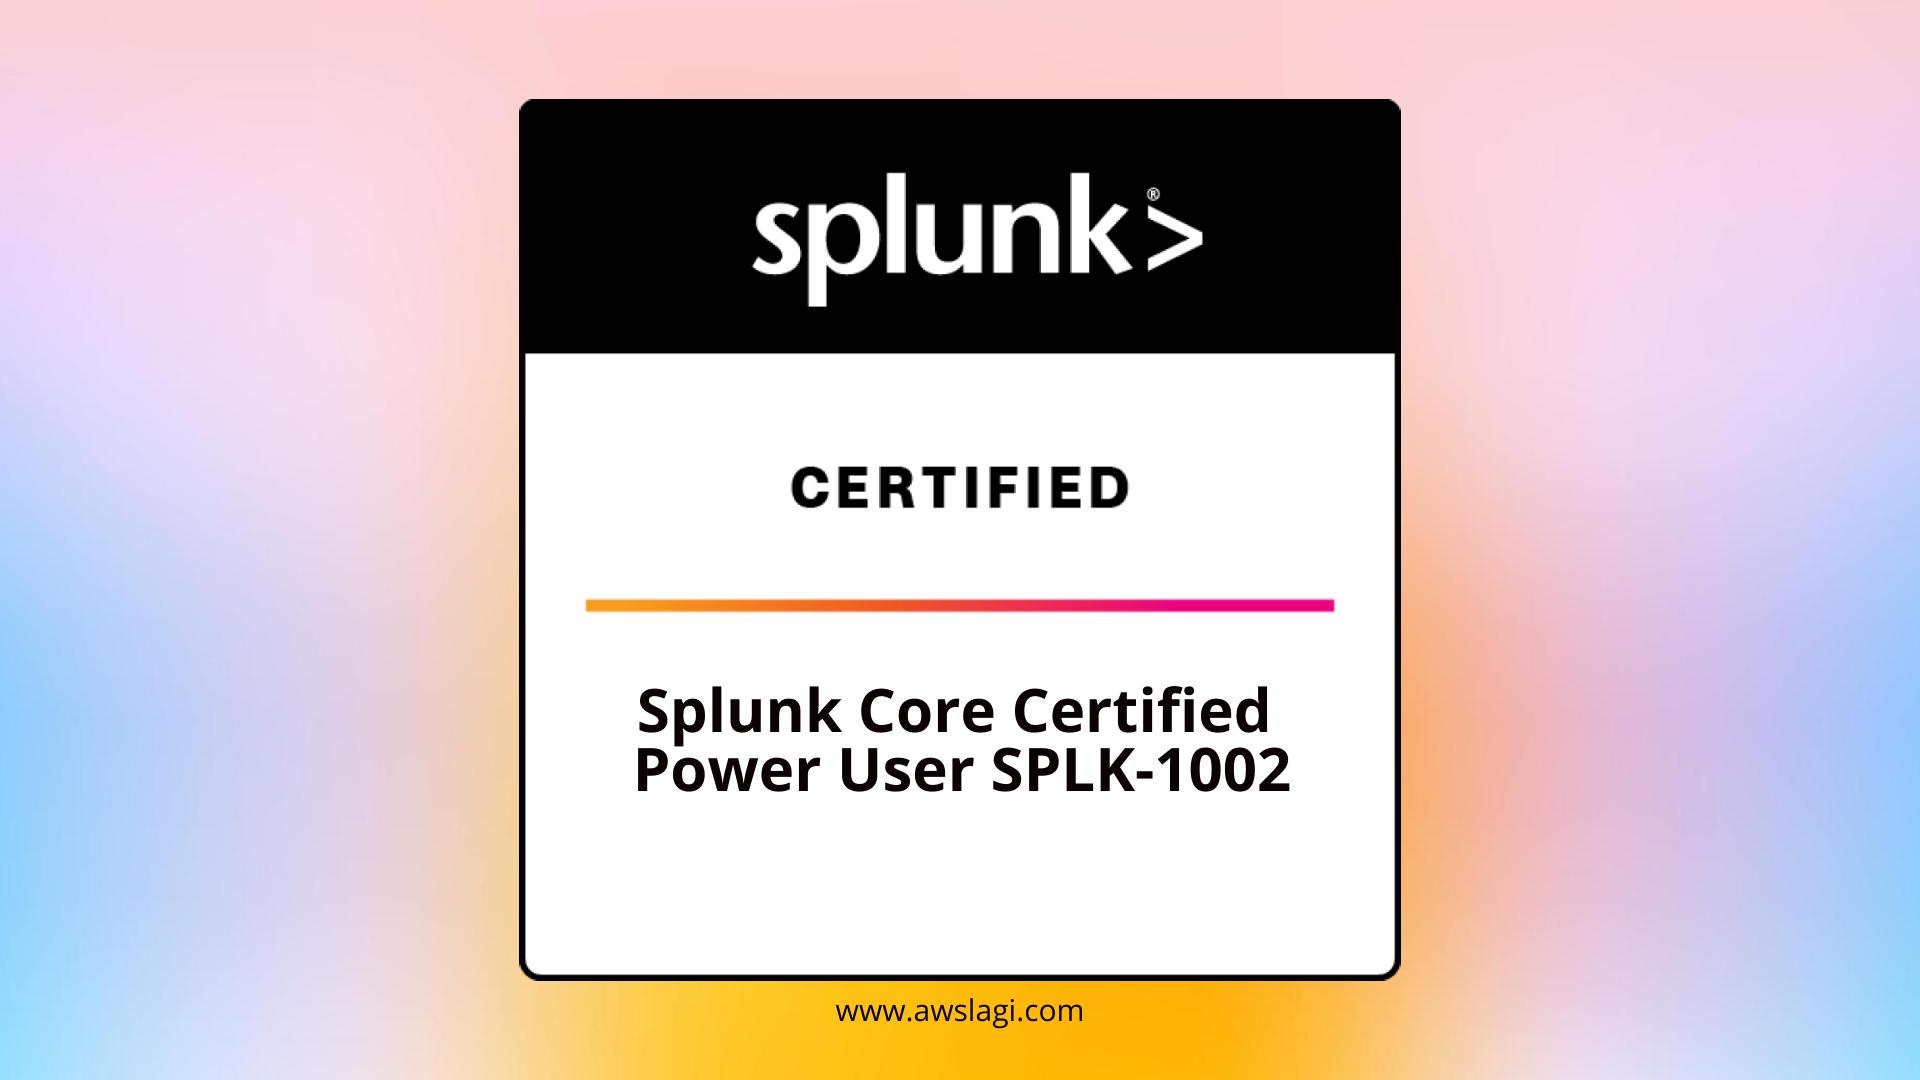 Splunk-Core-Certified-Power-User-SPLK-1002